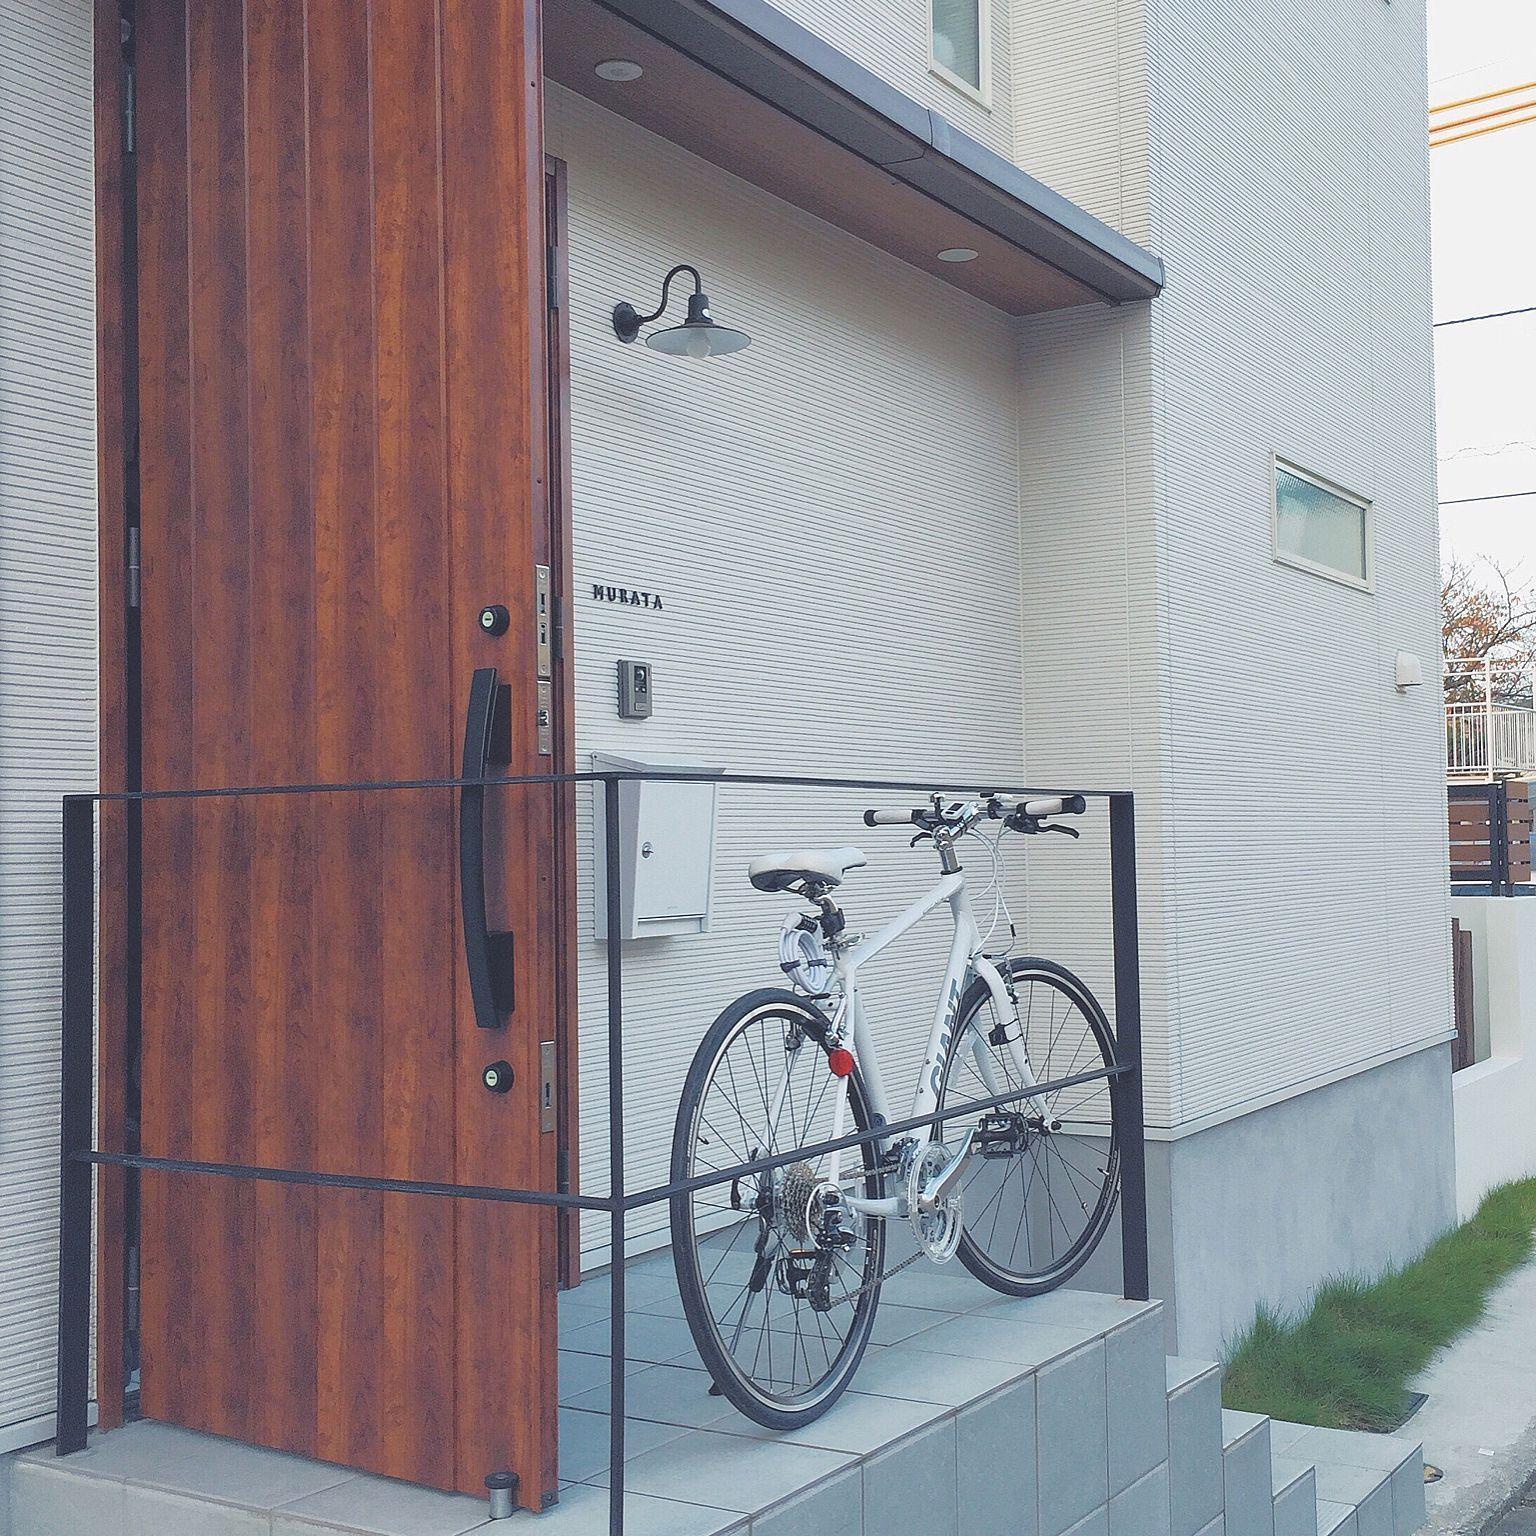 玄関 入り口 自転車 ジャイアント 笠松電機 ブラバンシア などのインテリア実例 2015 11 23 22 36 38 Roomclip ルームクリップ ブラバンシア 玄関 玄関 表札